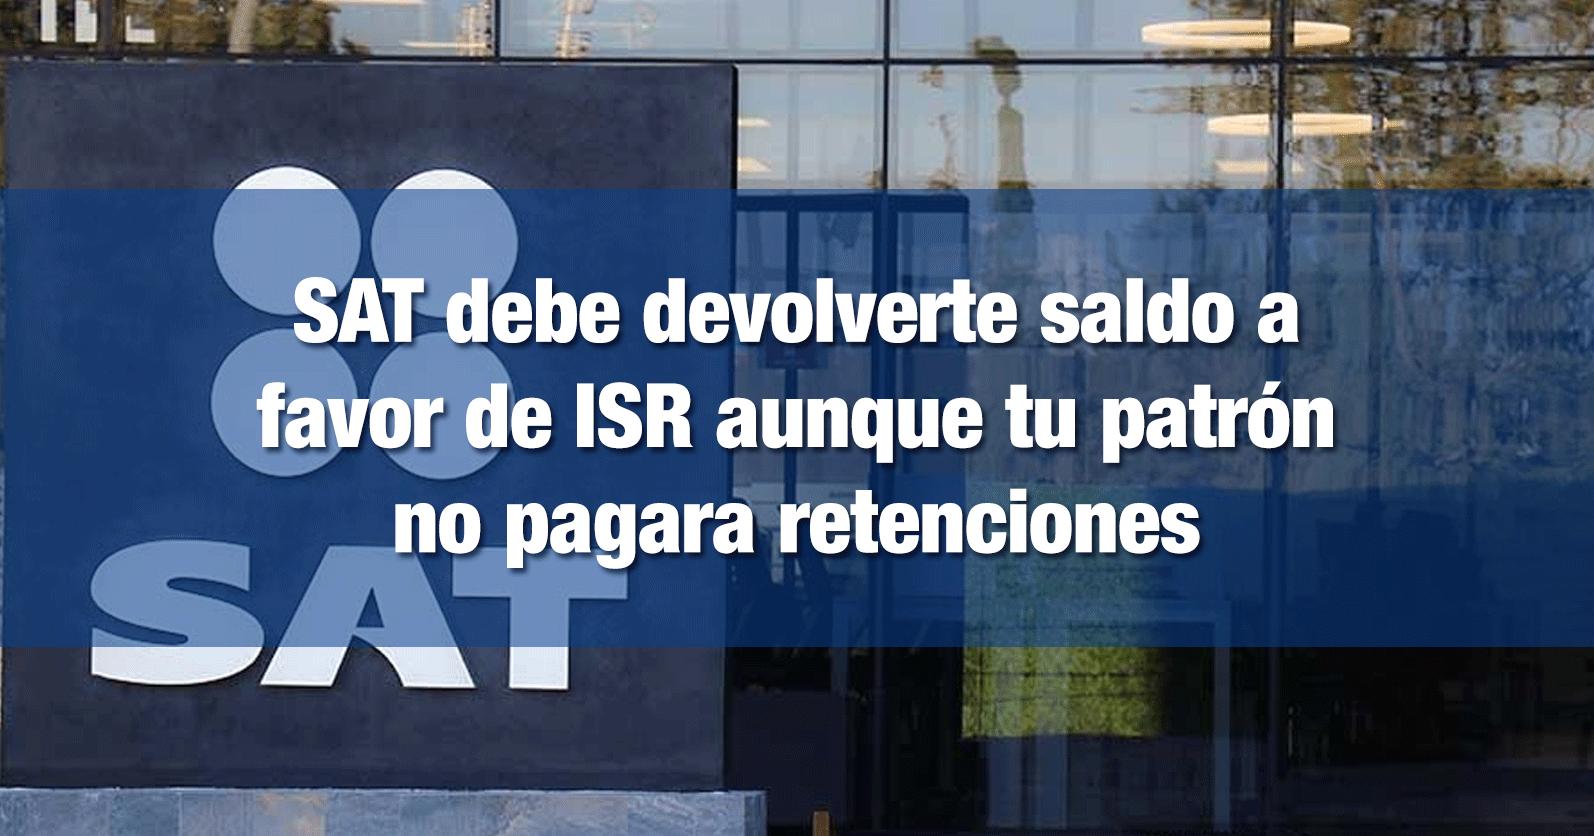 SAT debe devolverte saldo a favor de ISR aunque tu patrón no pagara retenciones